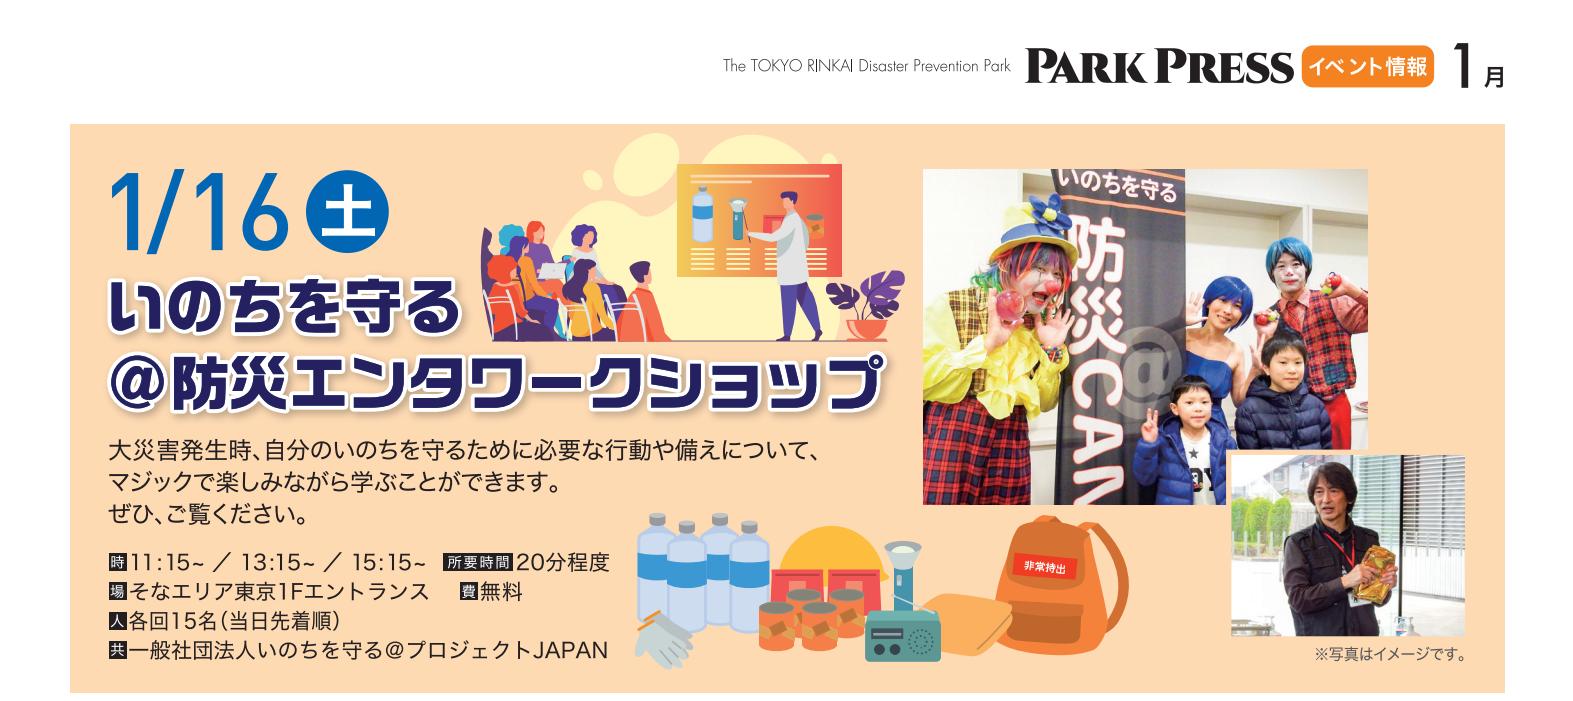 そなエリア東京『防災CAMP』5/11更新